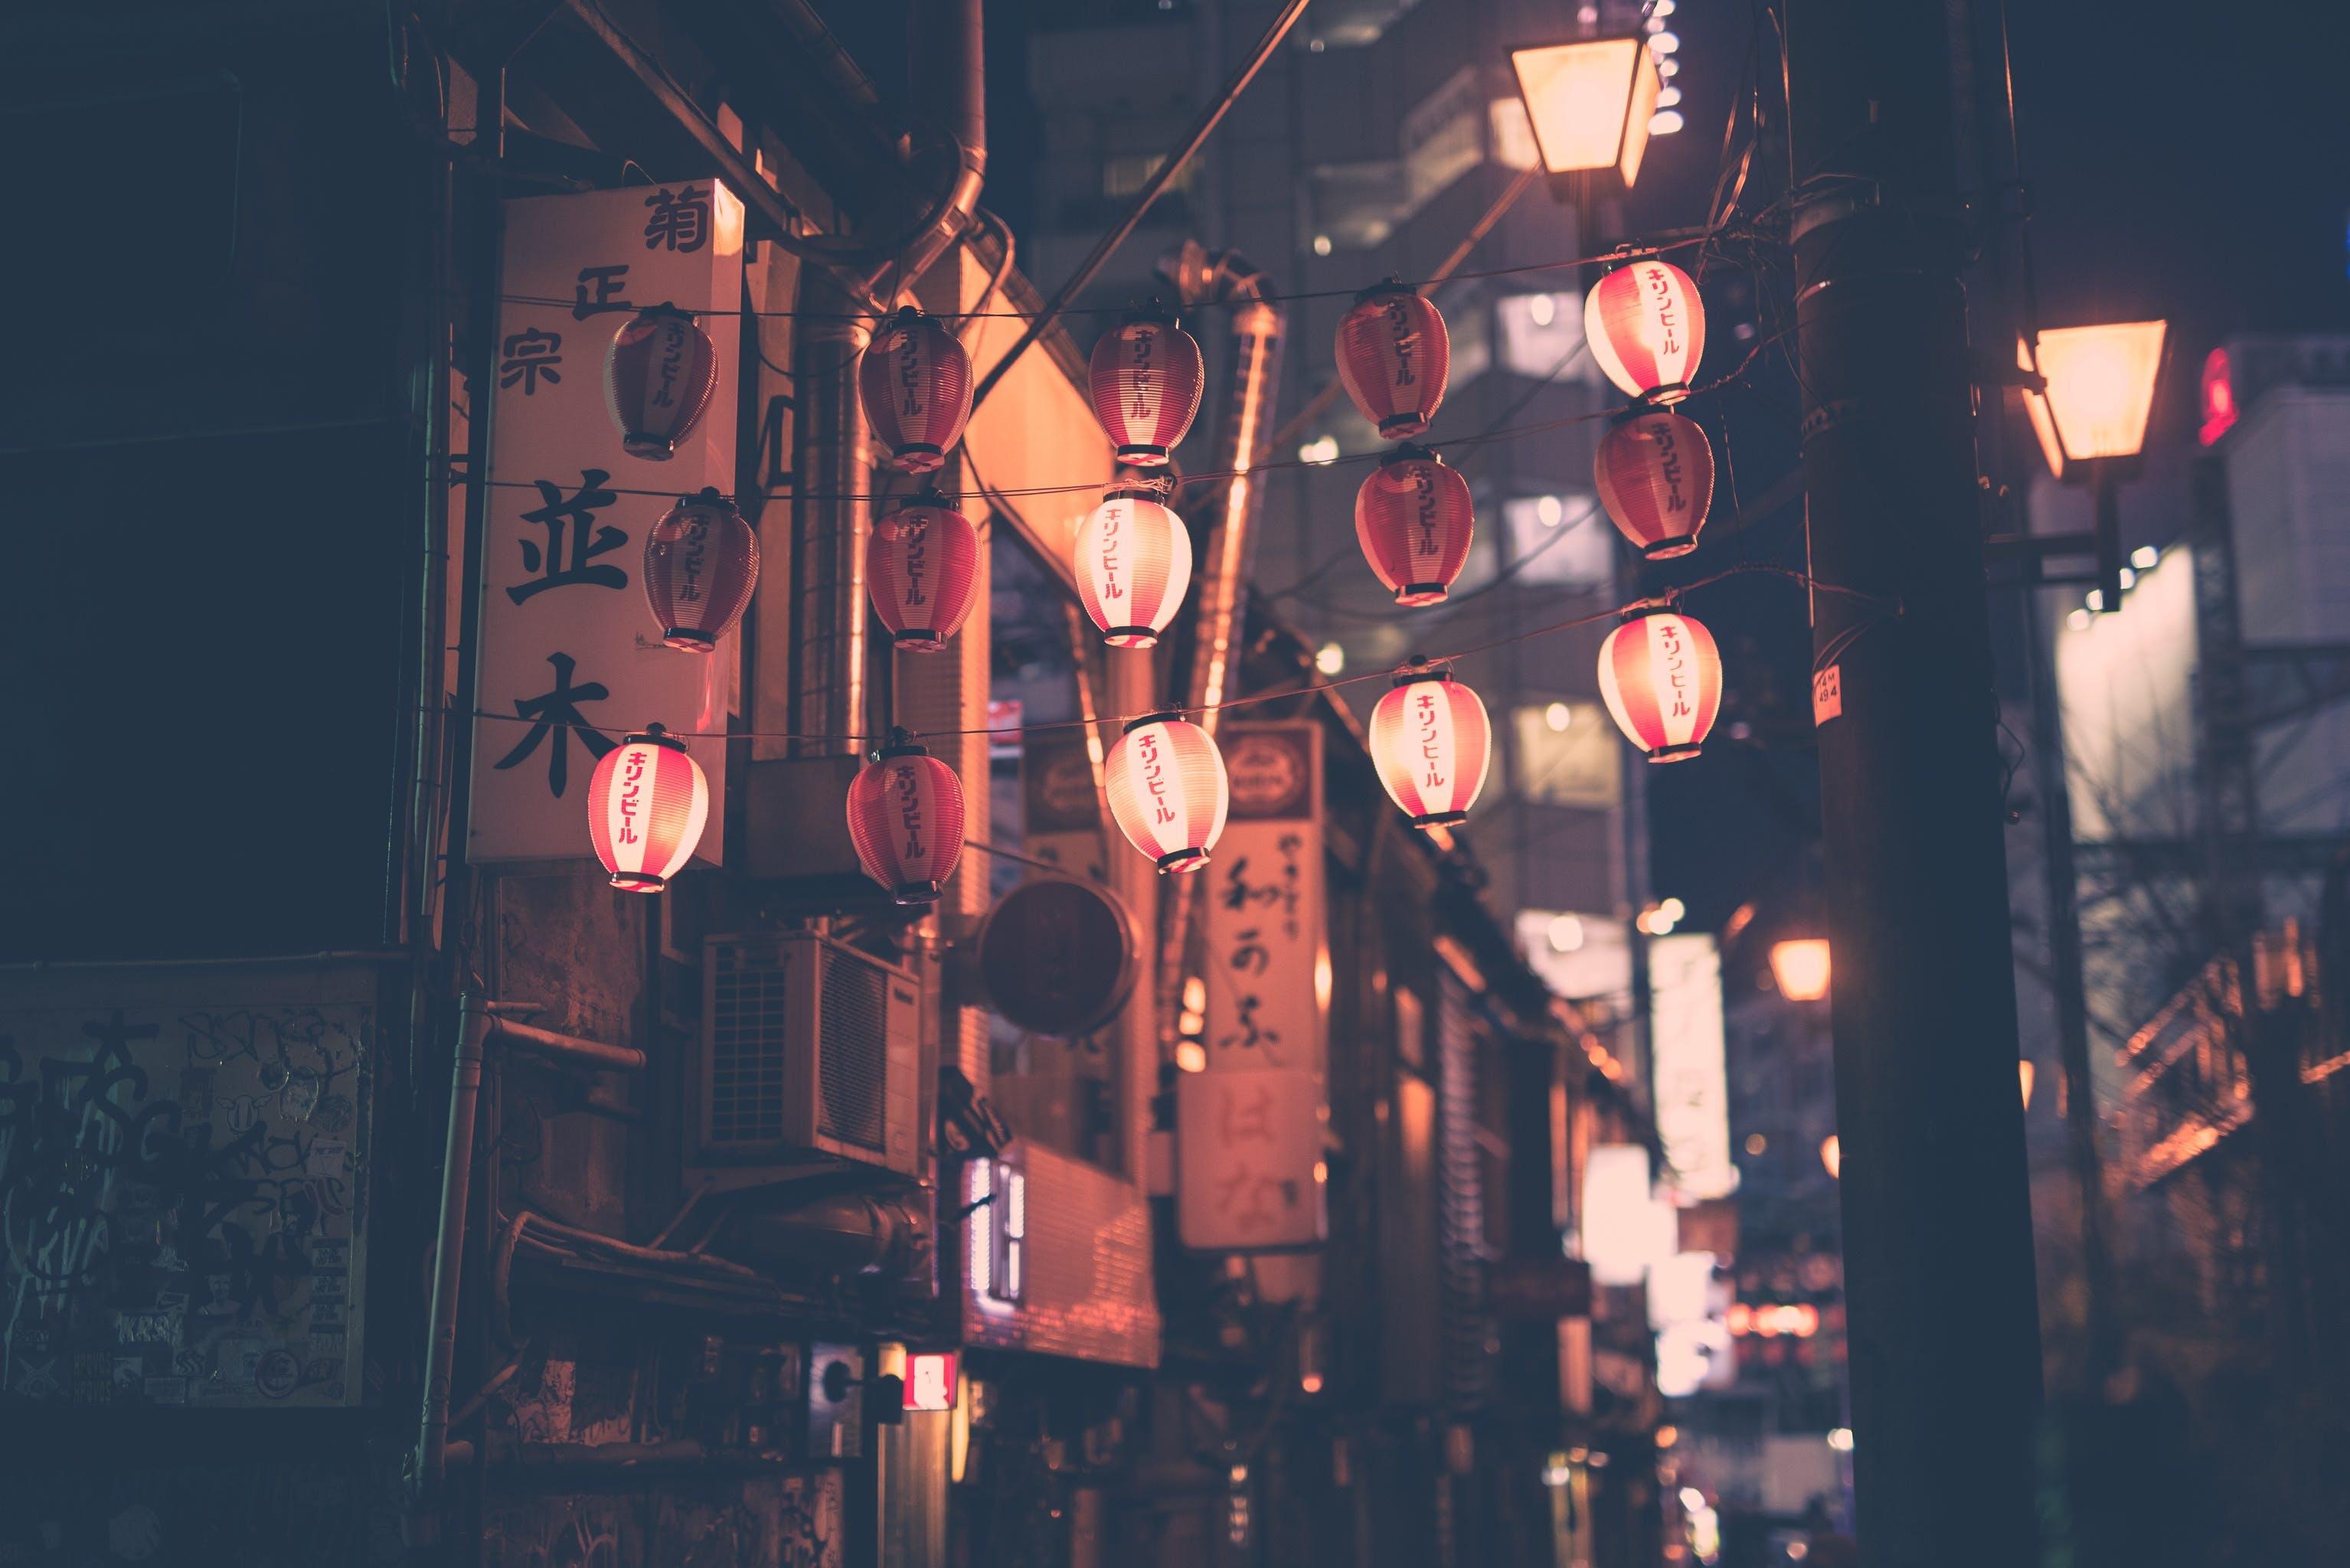 Turned-on Street Light